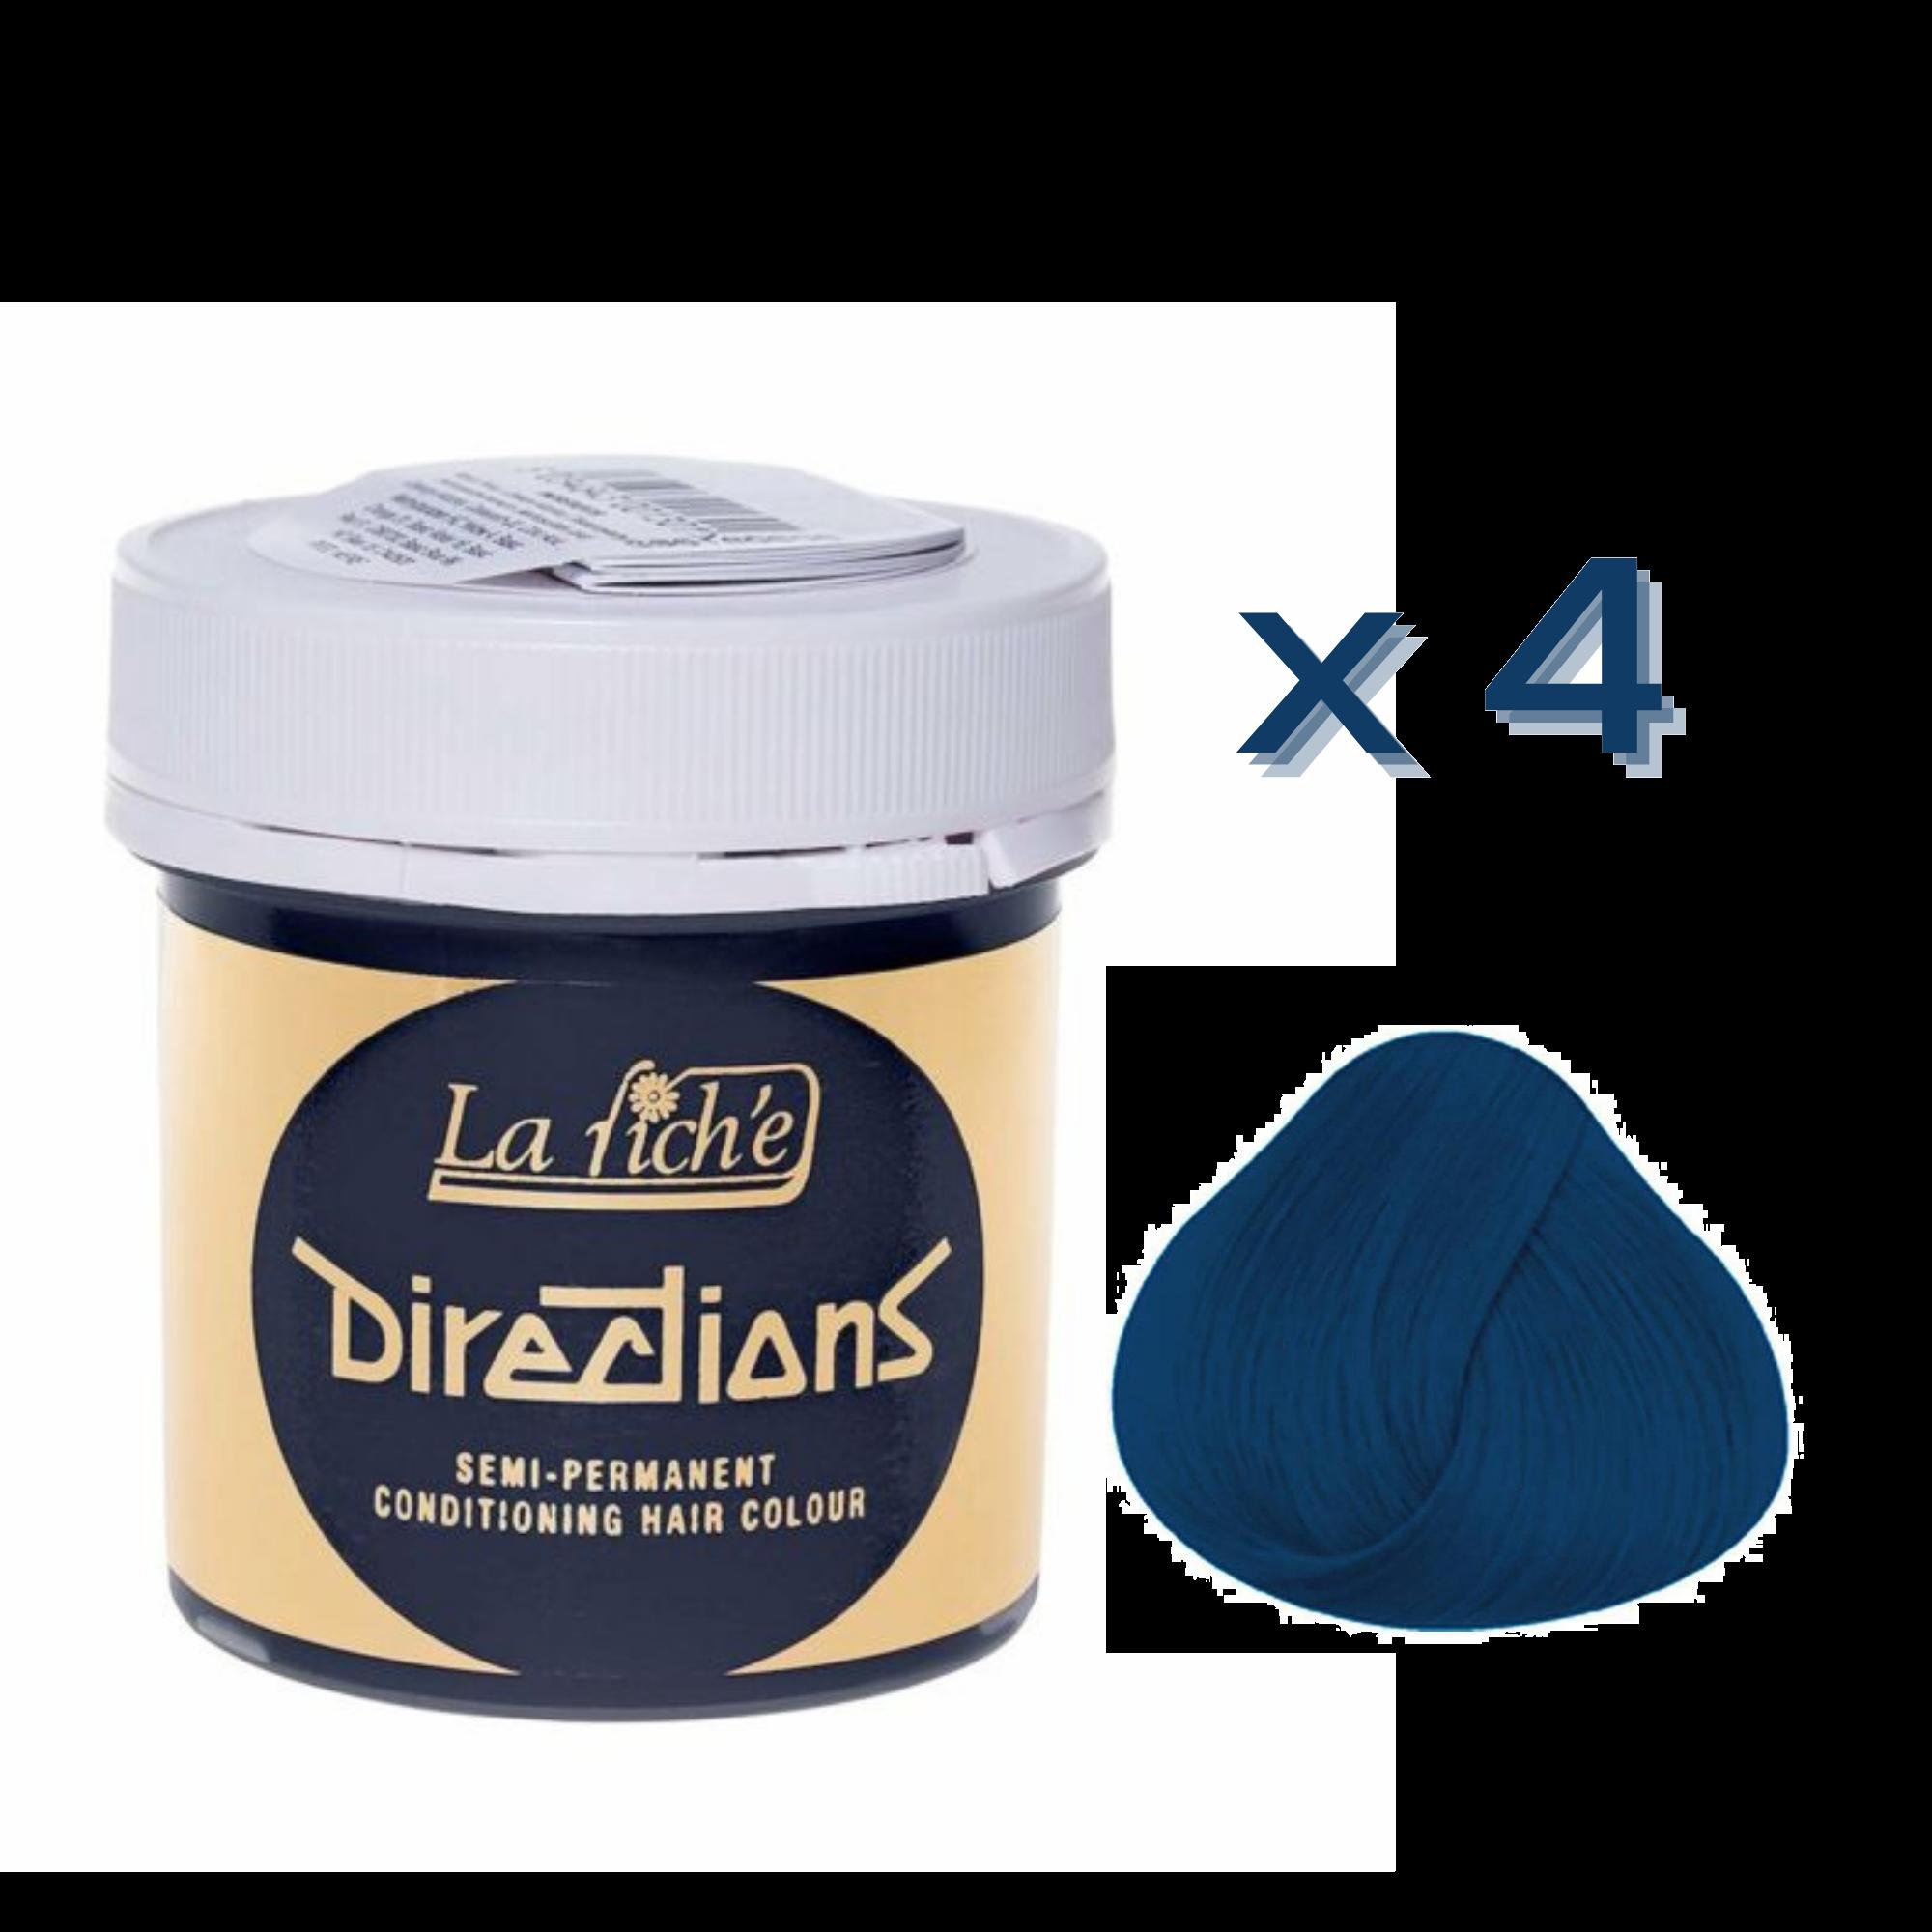 4 x La Riche Directions Semi-Permanent Hair Color 88ml Tubs - DENIM BLUE